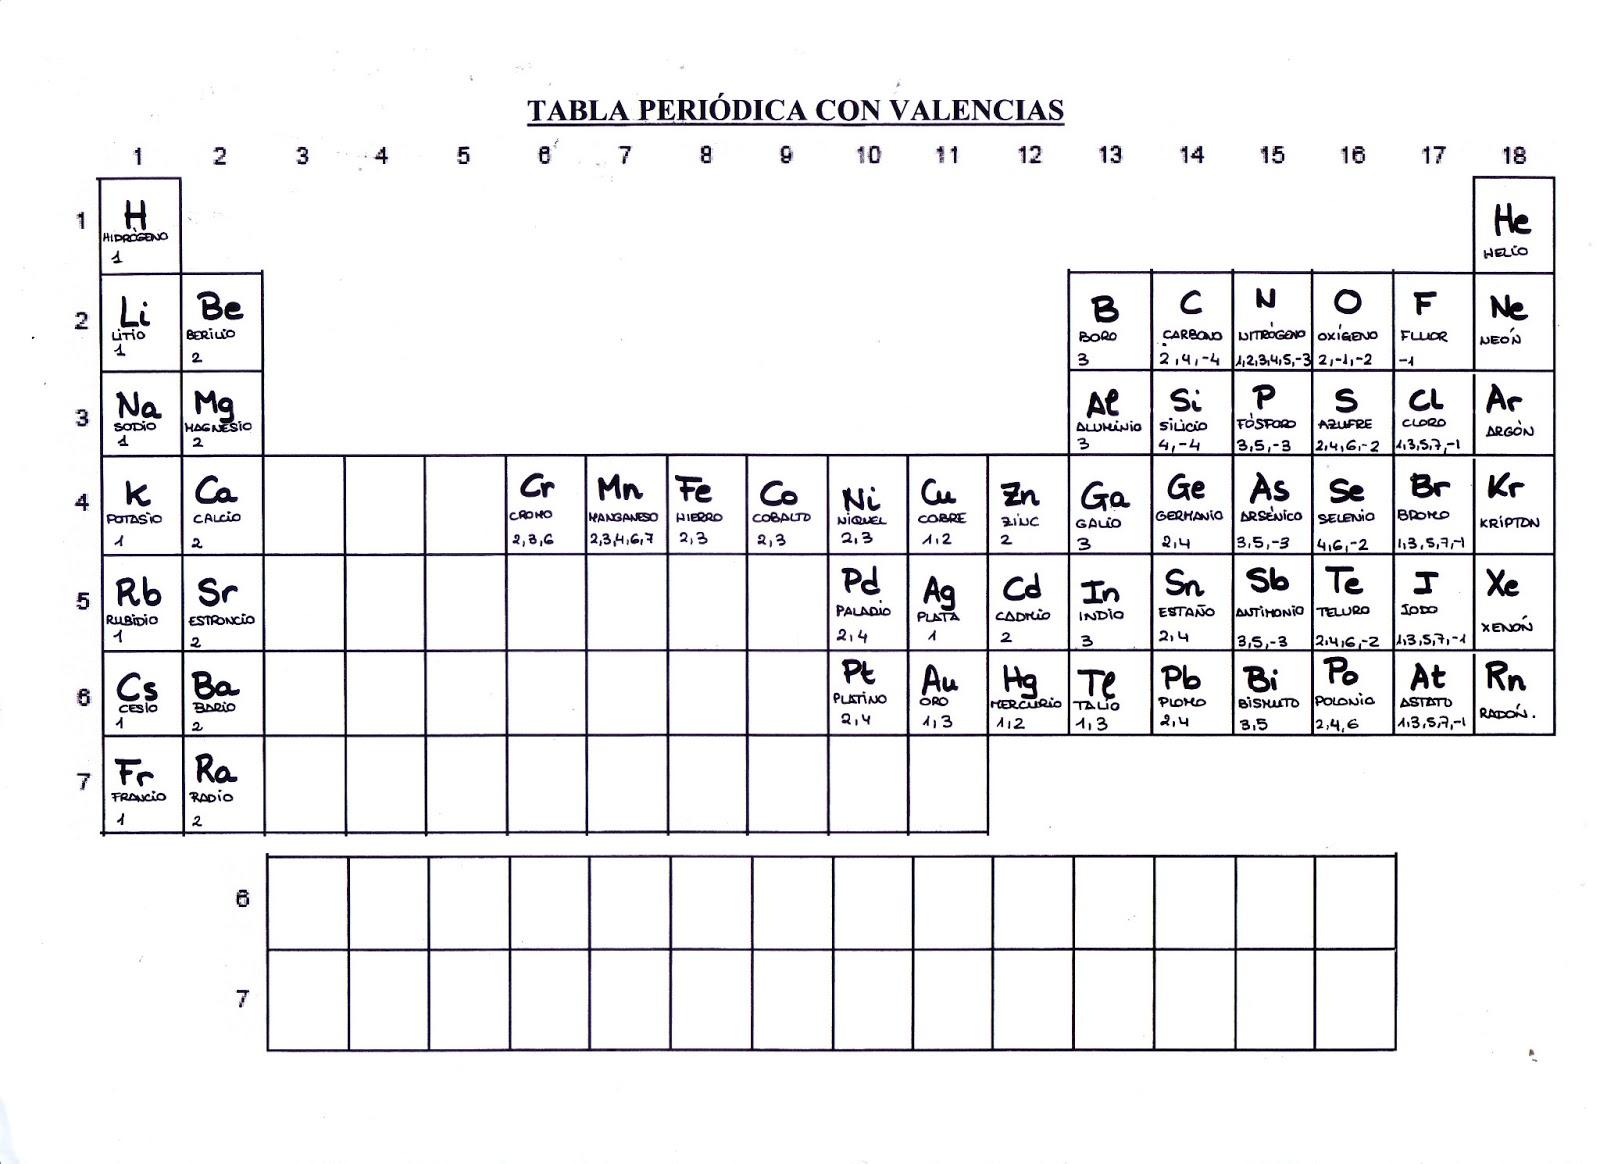 Tabla periodica con valencias excel image collections periodic tabla periodica con valencias pdf gallery periodic table and tabla periodica valencias que es images periodic urtaz Choice Image